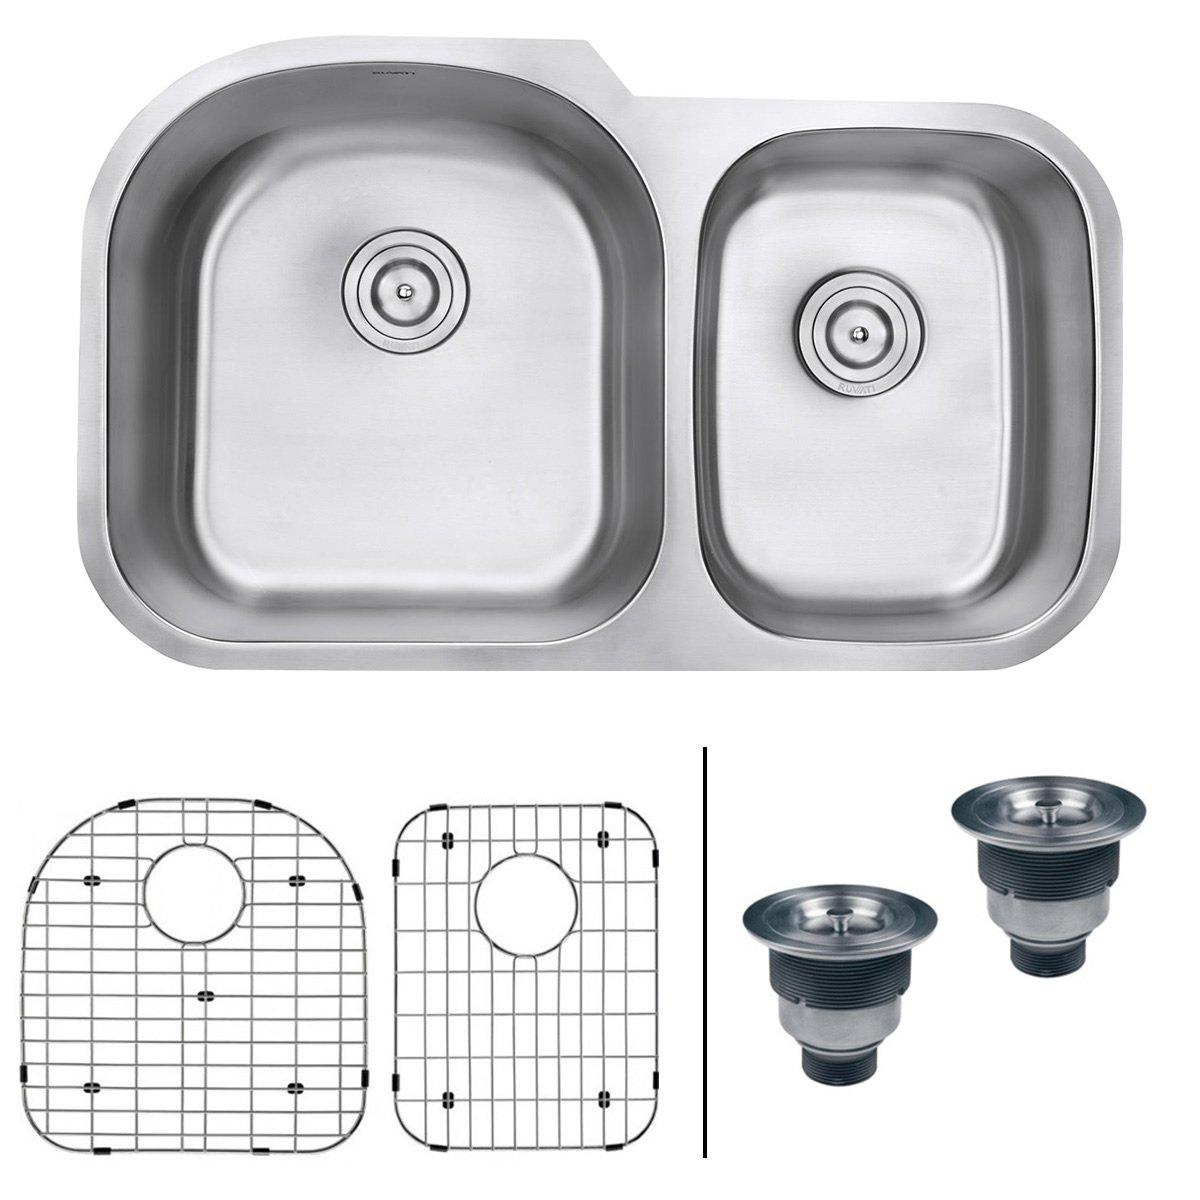 Ruvati 34-inch Undermount 60/40 Double Bowl 16 Gauge Stainless Steel Kitchen Sink - RVM4600